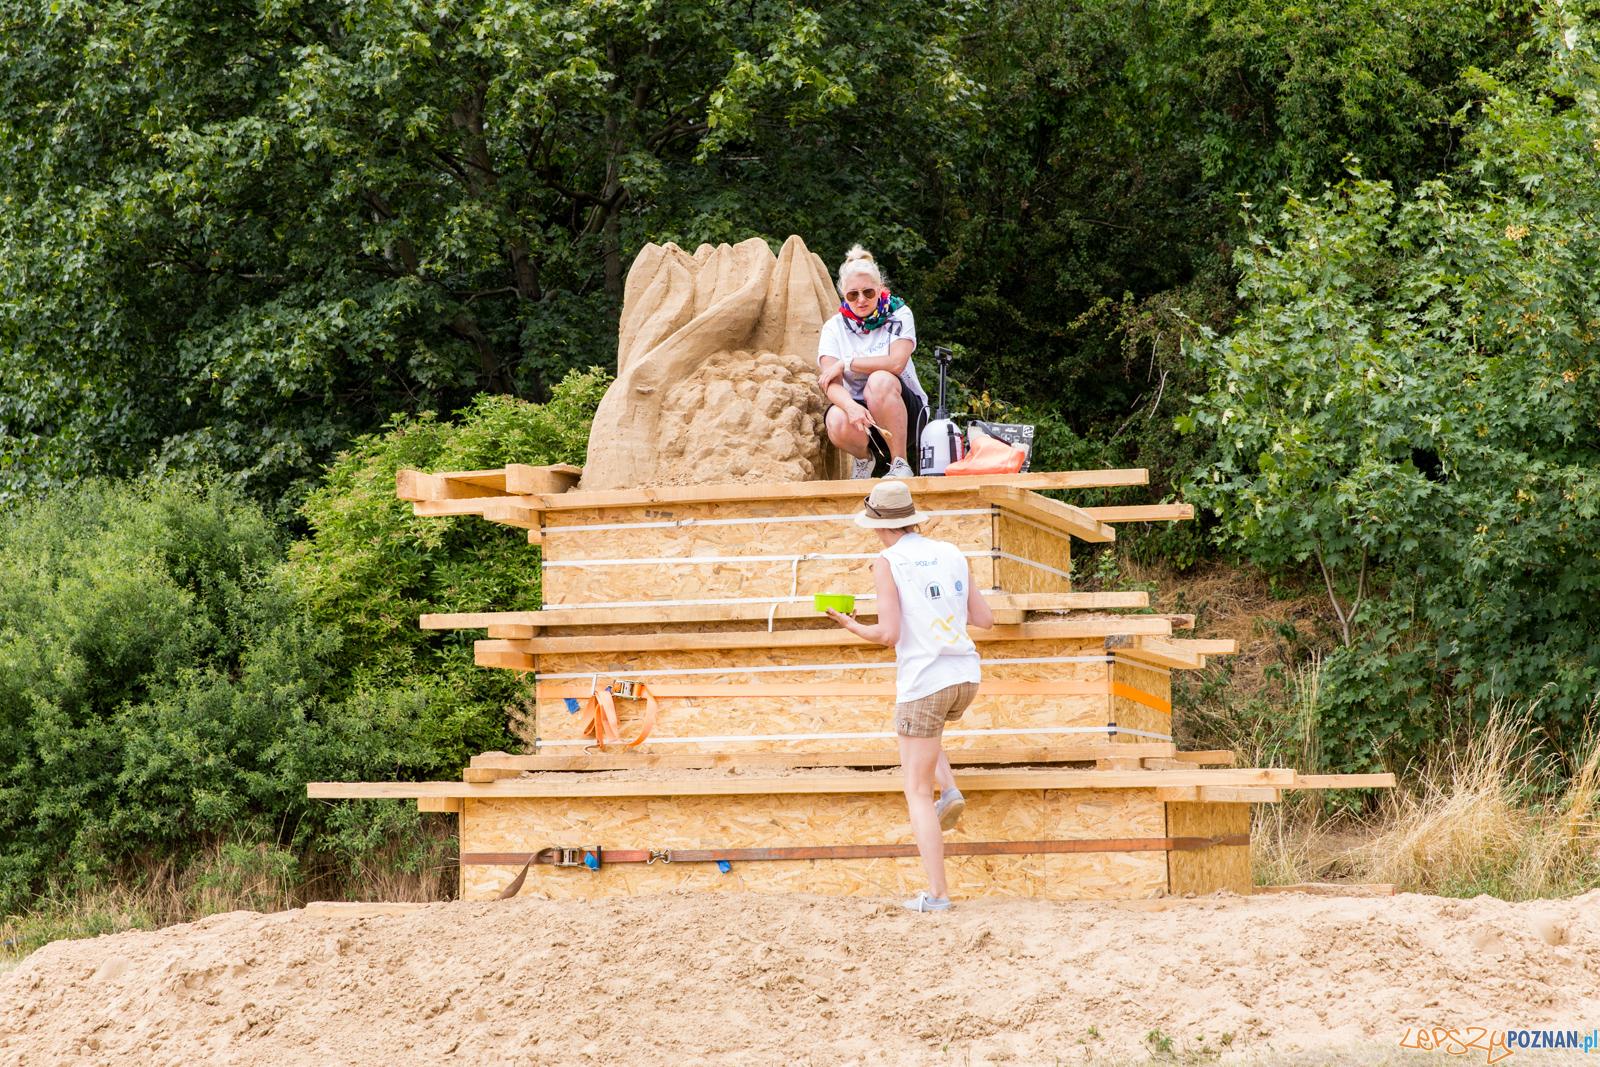 Poznań Sand Festival 2019, czyli Festiwalu Rzeźby Piaskowej -  Foto: LepszyPOZNAN.pl / Paweł Rychter